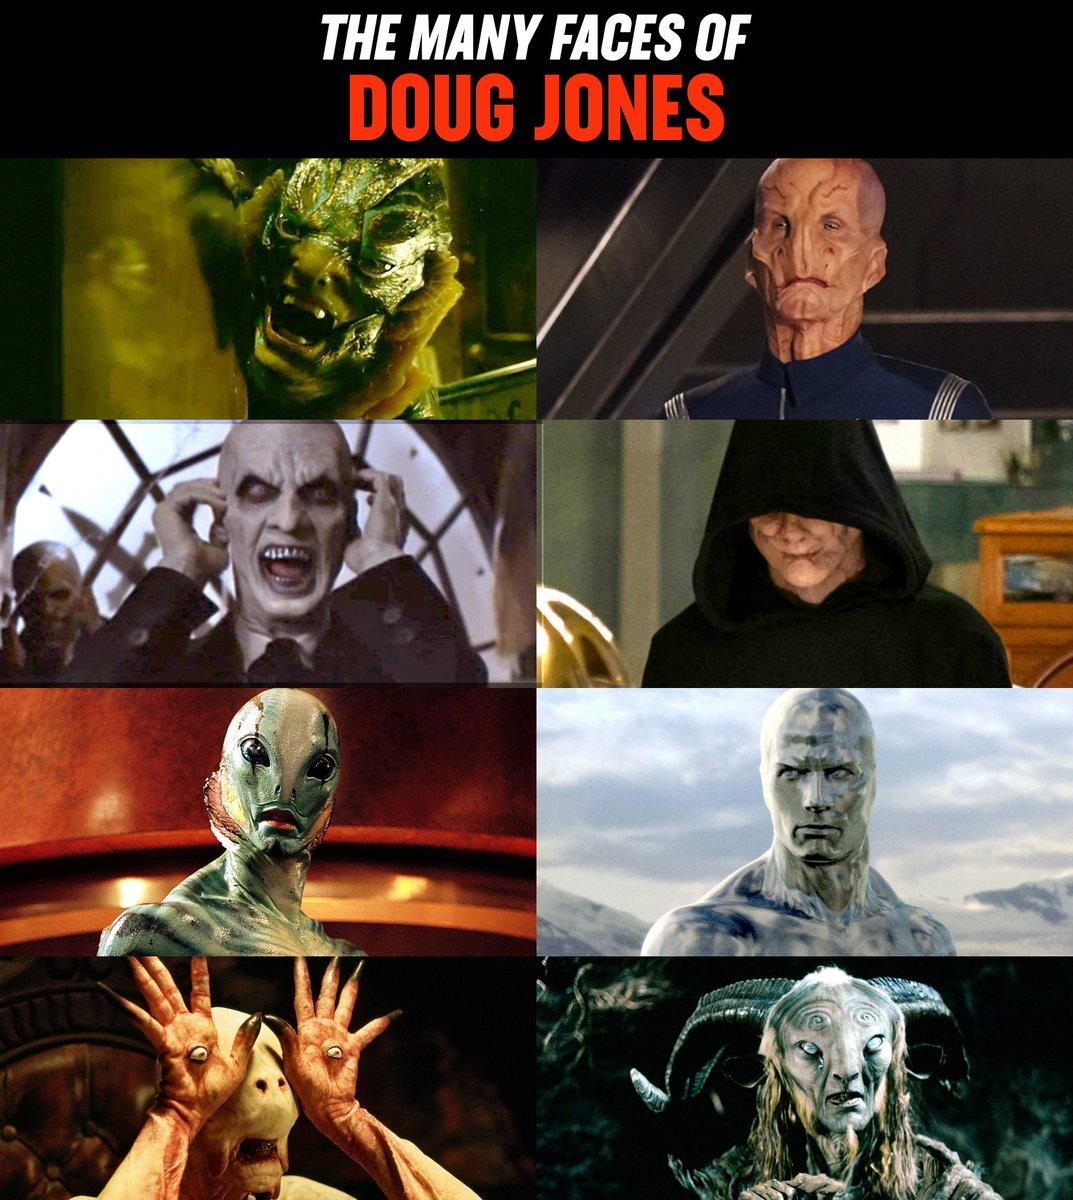 Happy birthday Doug Jones!